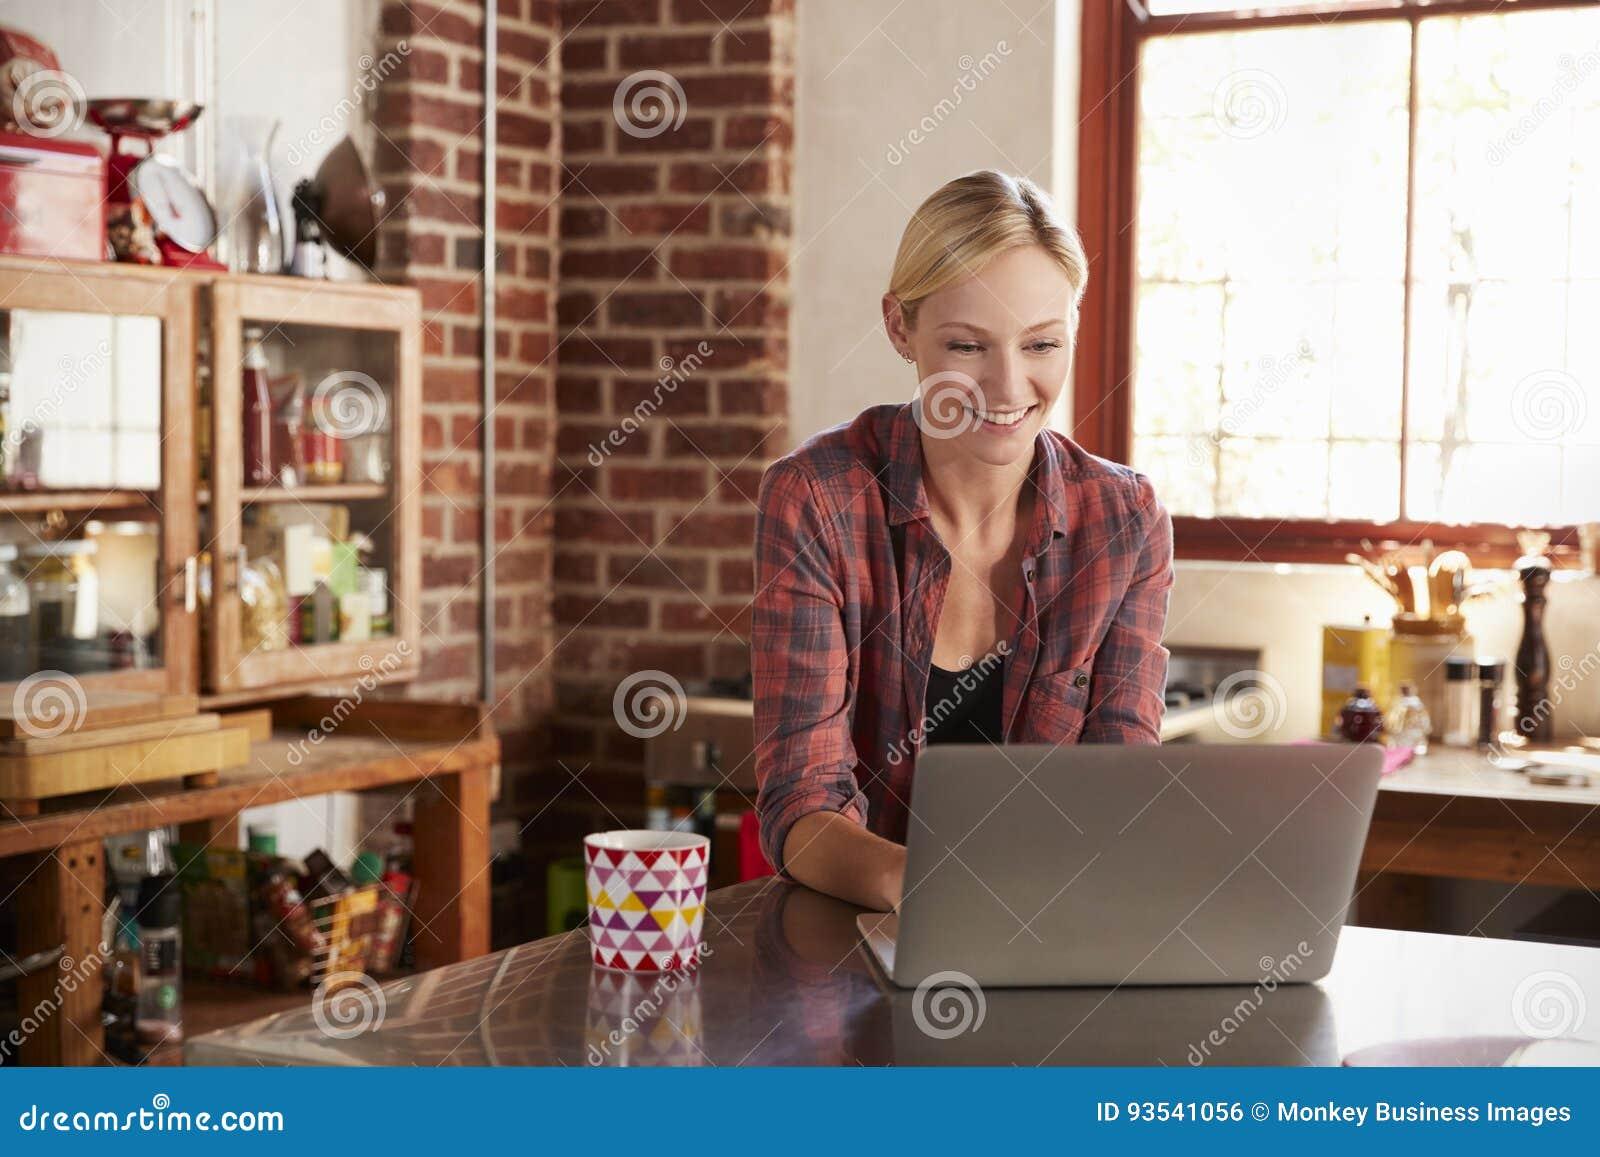 Junge Frau, die Computer in der Küche, ehrliche Ansicht des Abschlusses verwendet